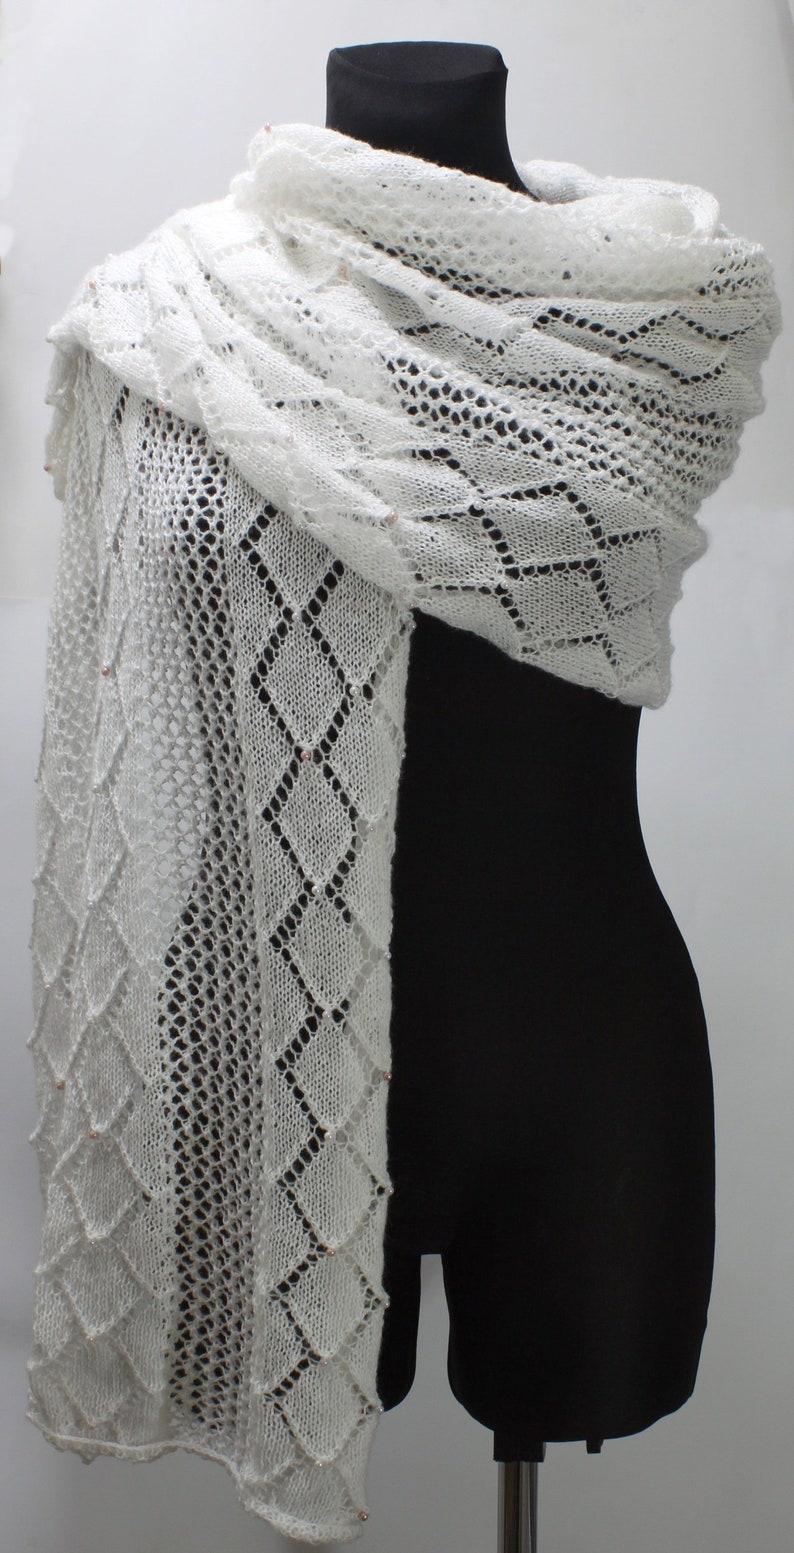 961c9c9c60 Ażurowy szal dziergany na drutach biały duży lekki szal z